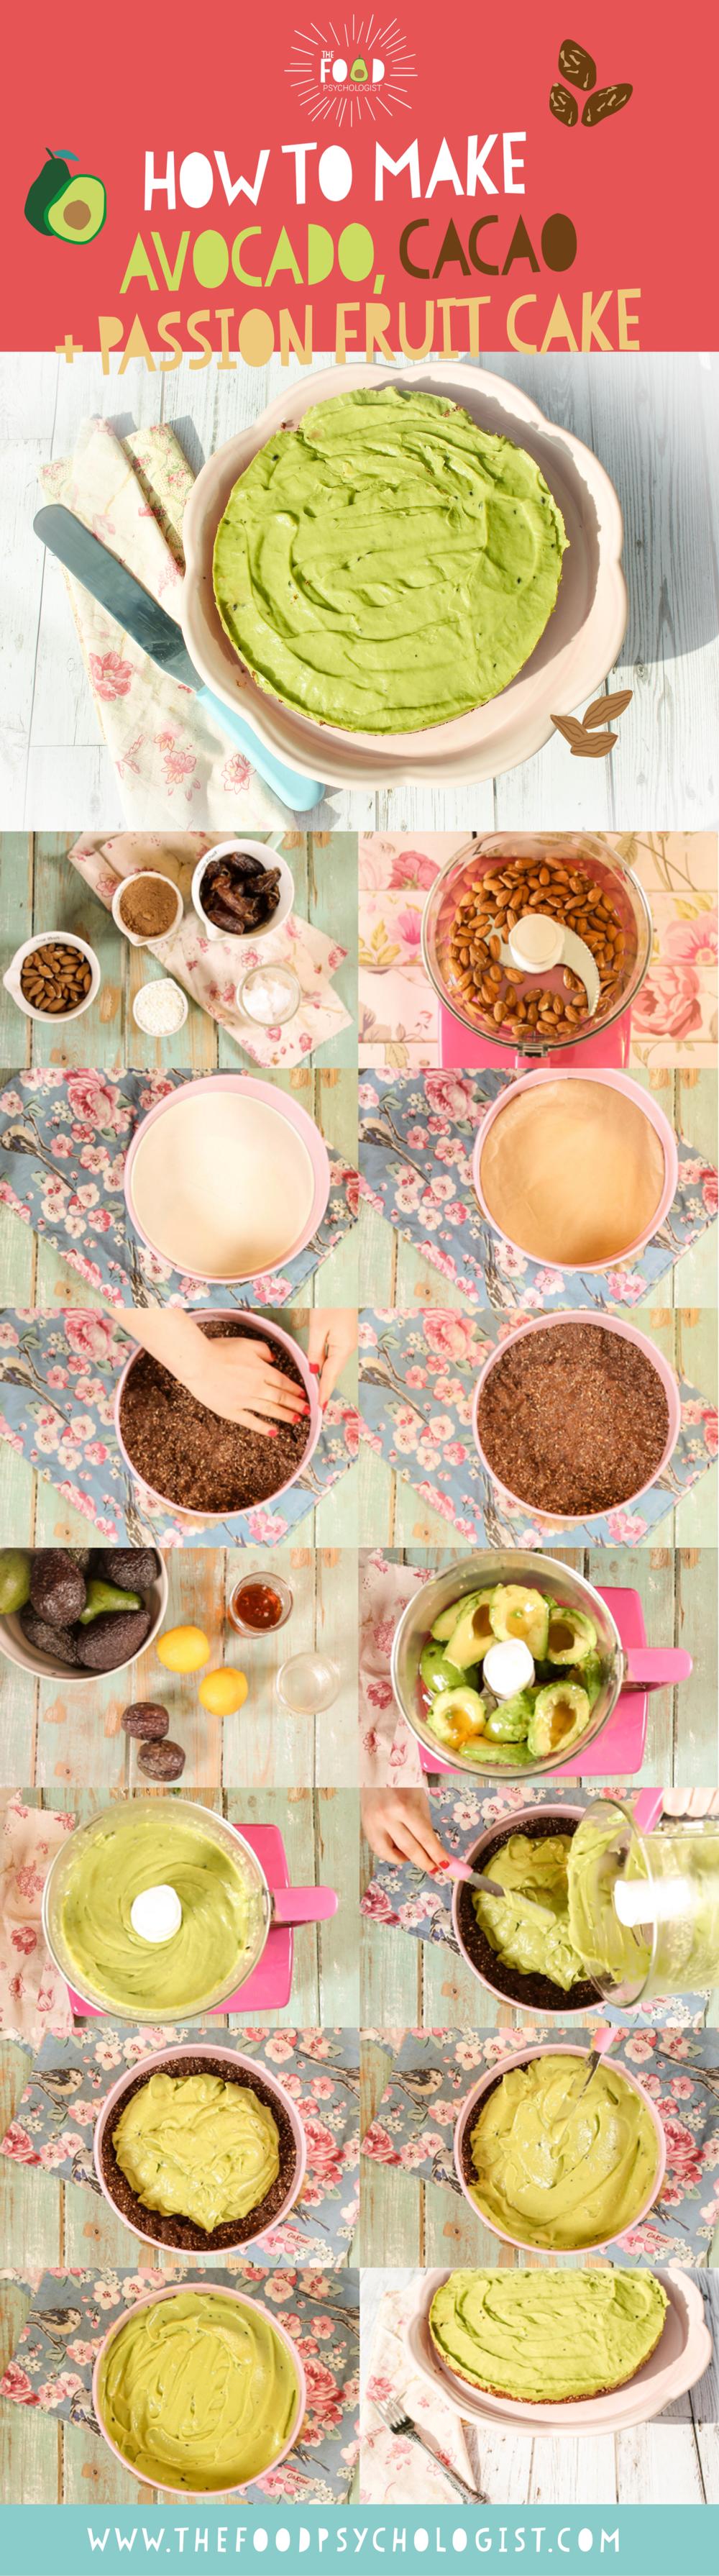 Avocado-Cacao-Cake-Infographic.png